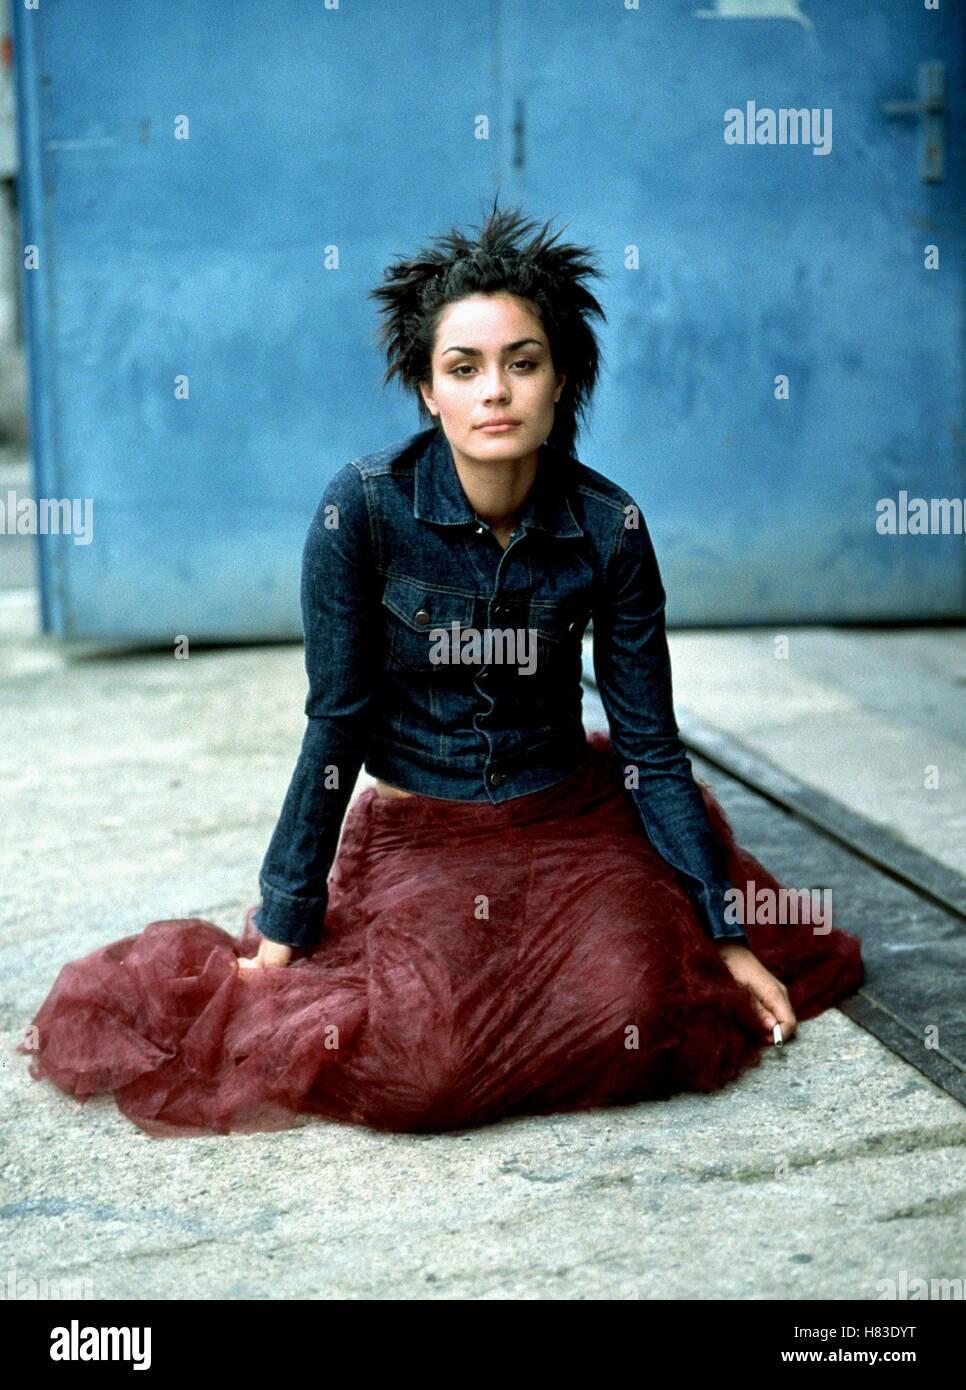 Shannyn Sossamon  Stock Image